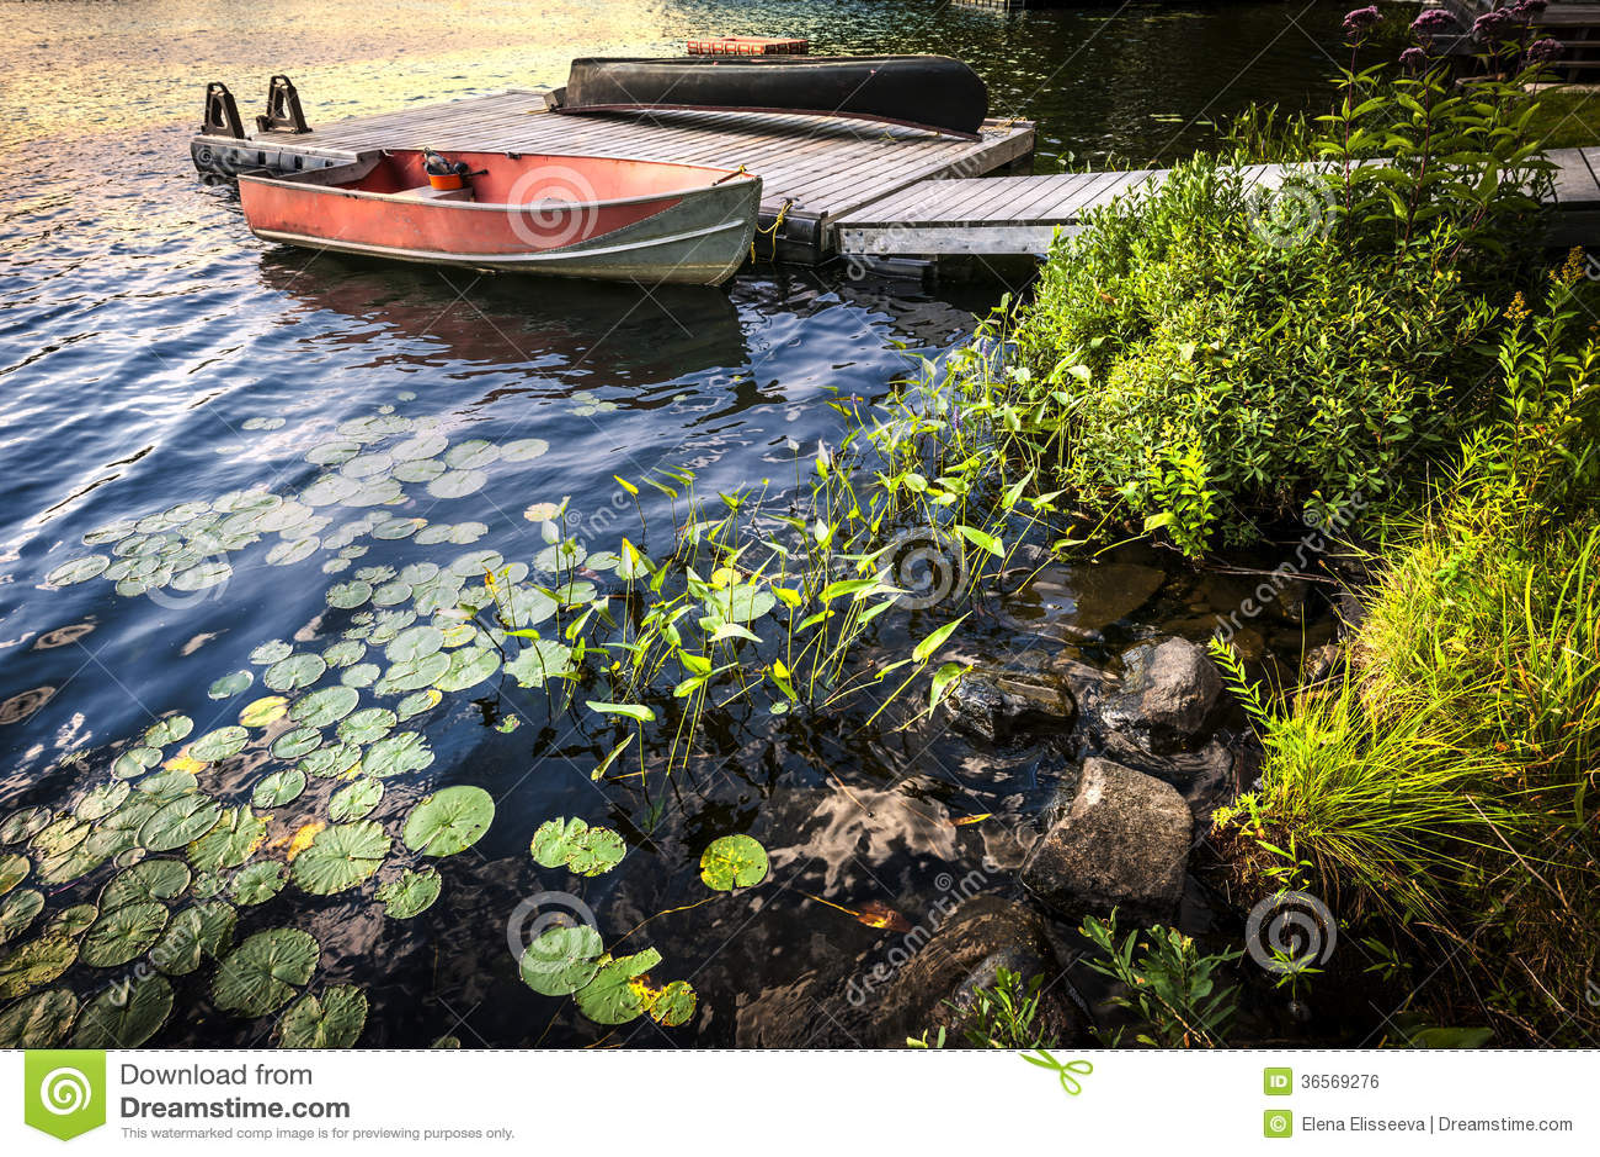 Bateau à rames au rivage de lac au crépuscule